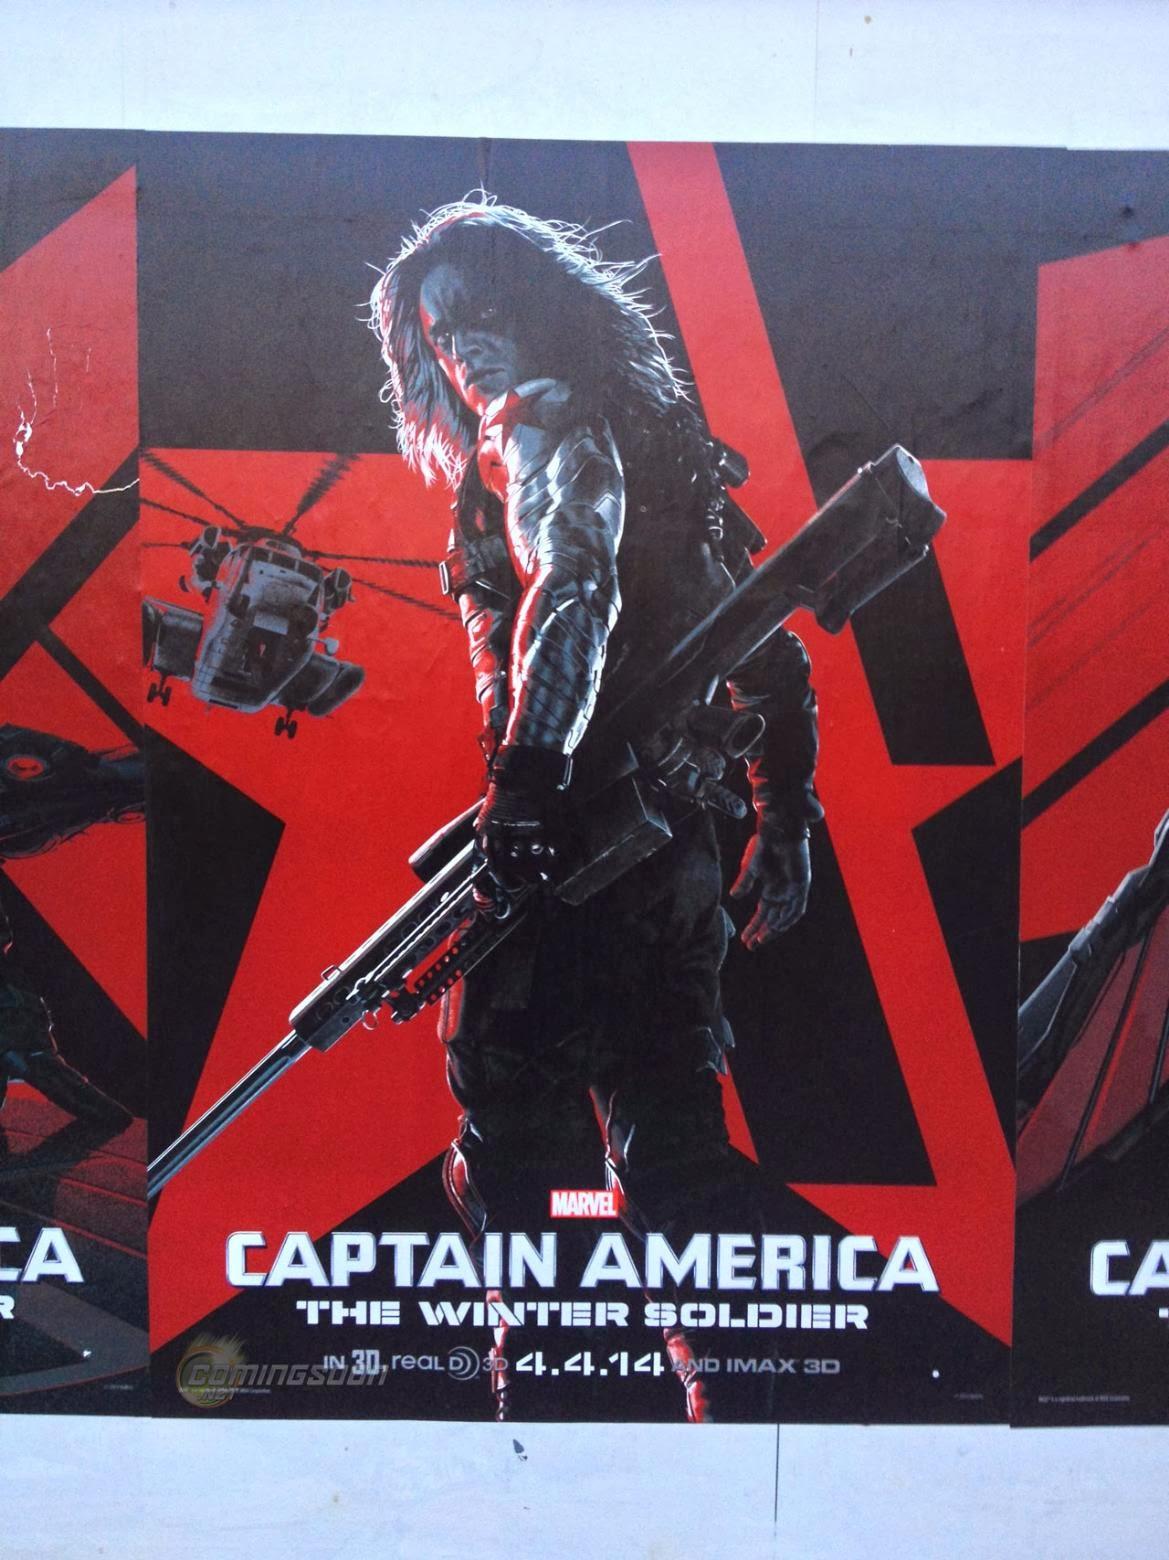 http://www.la-frikiteka.com/2013/04/capitan-america-el-soldado-de-invierno.html